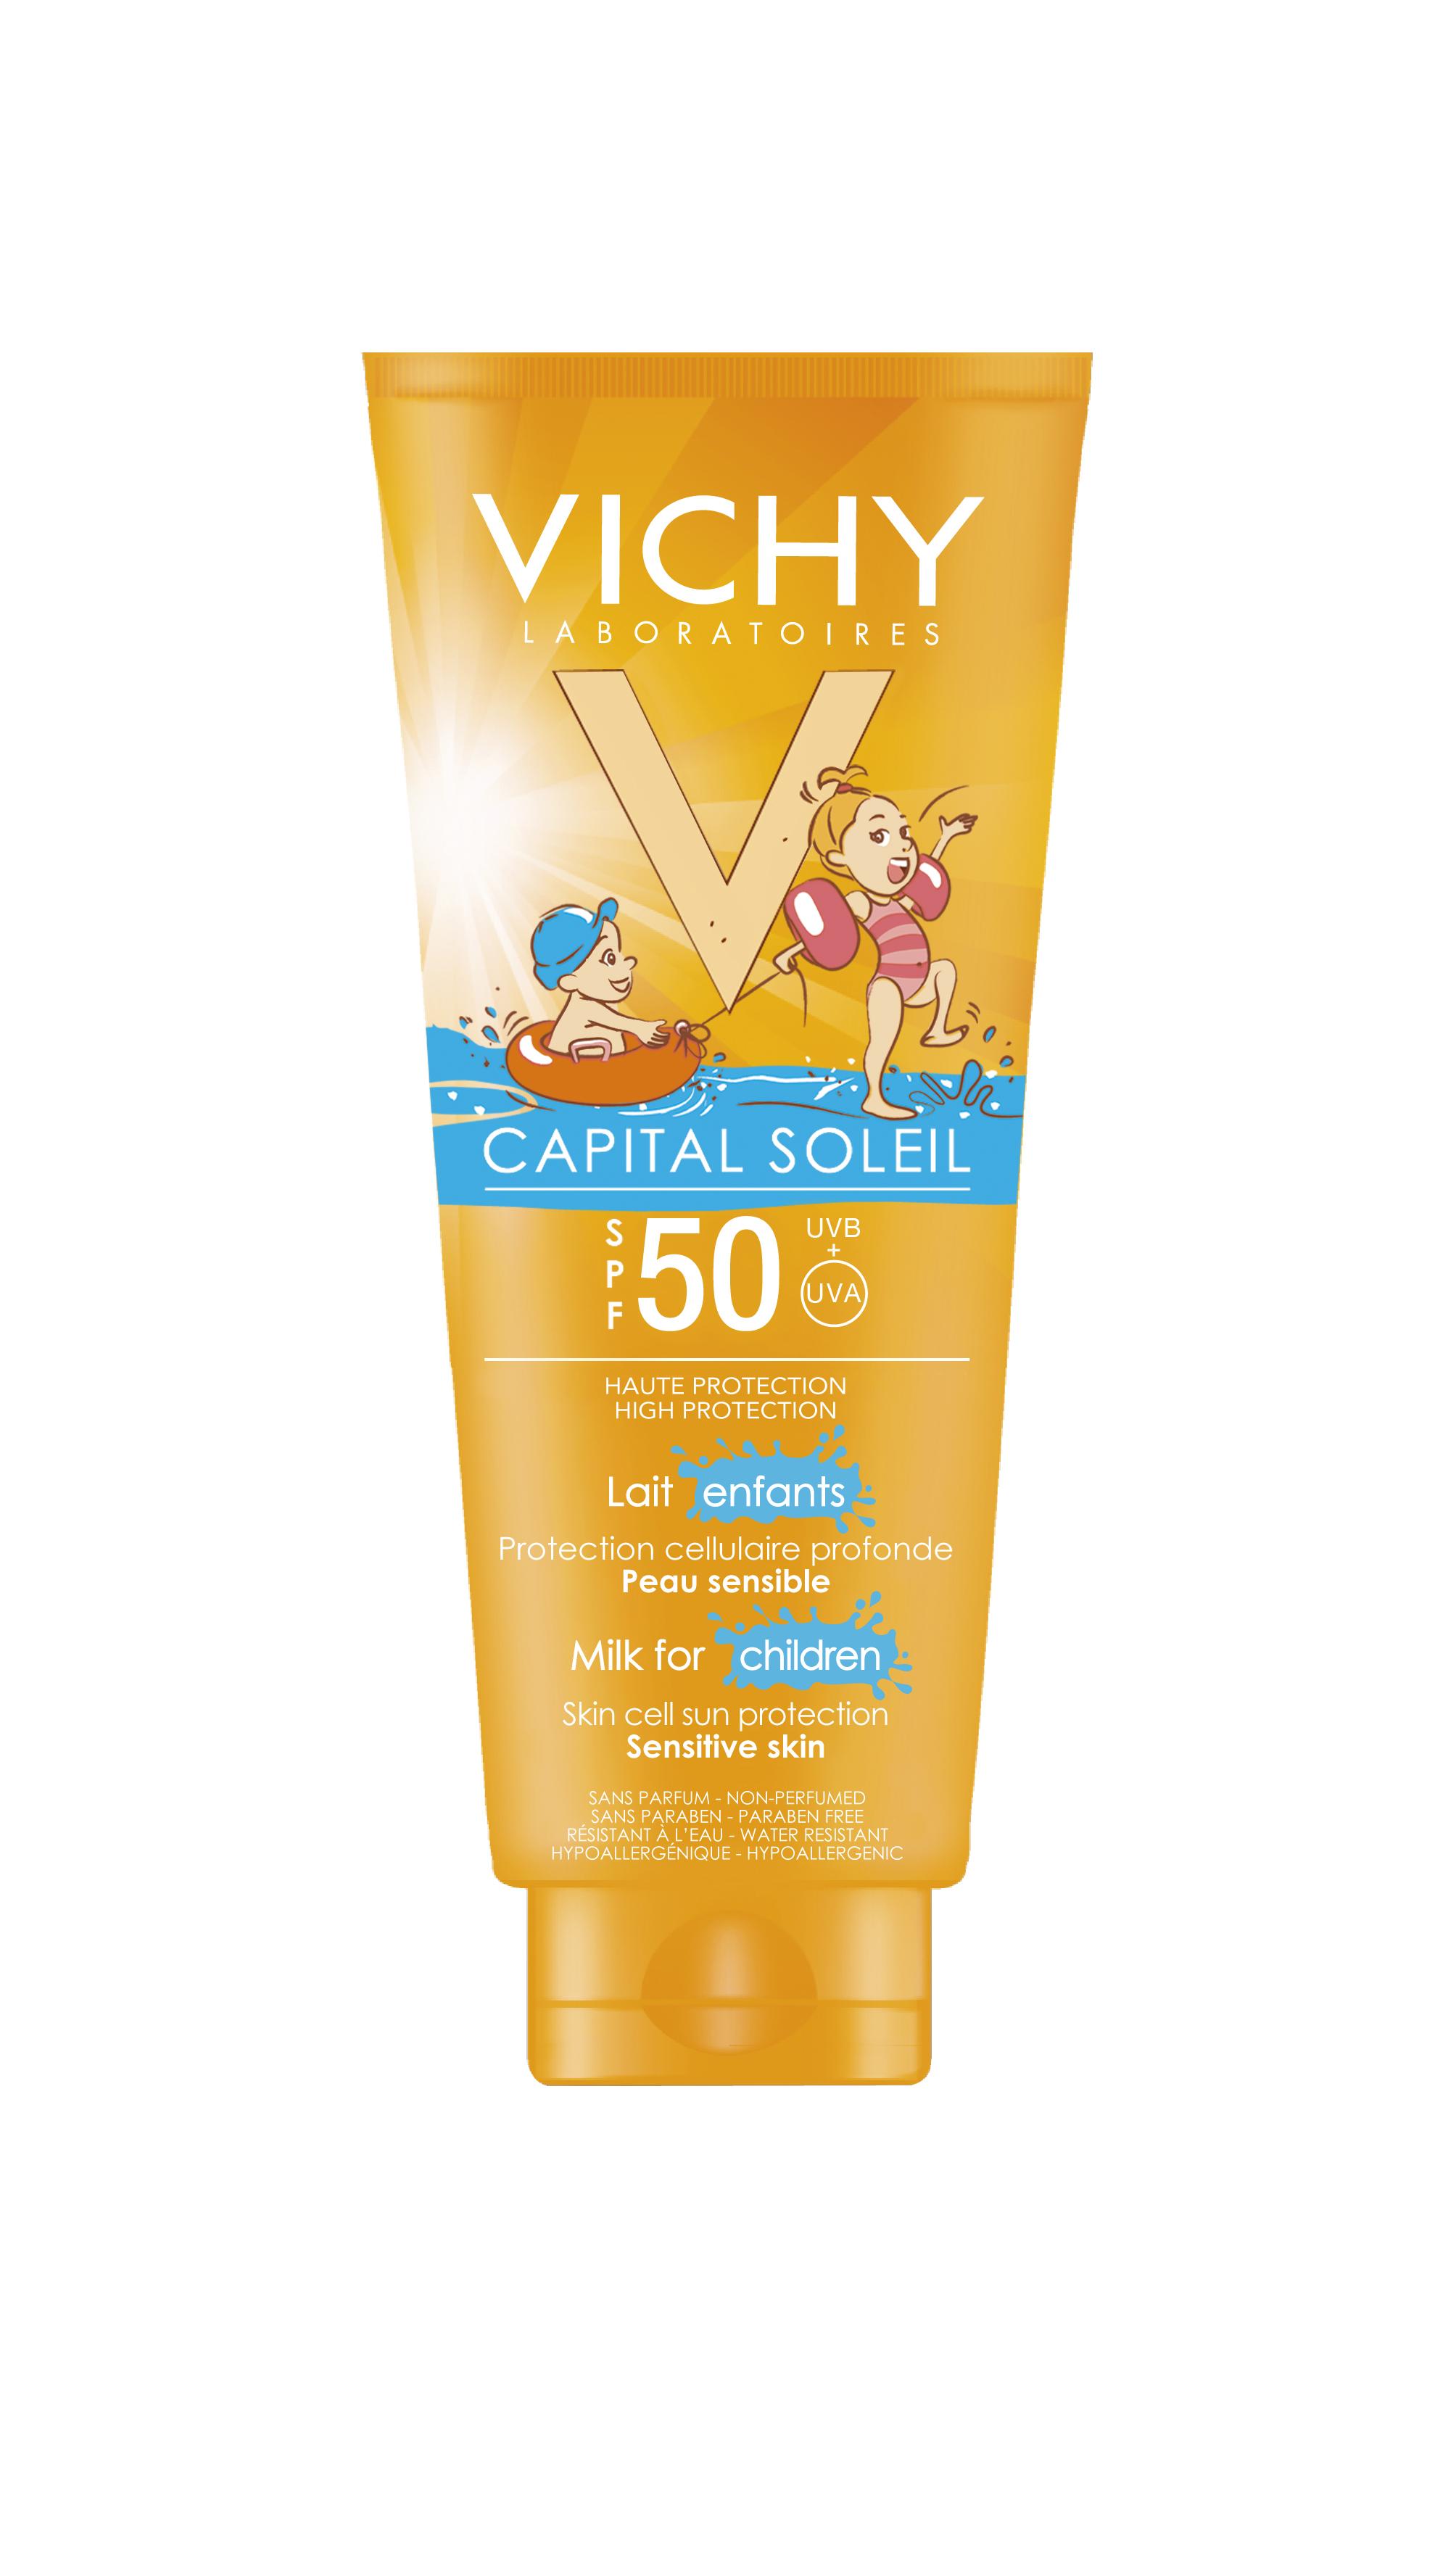 VICHY CS kids milk SPF 50+ Capital Soleil super pena SPF 50: Visoka zaštita za osetljivu dečiju kožu